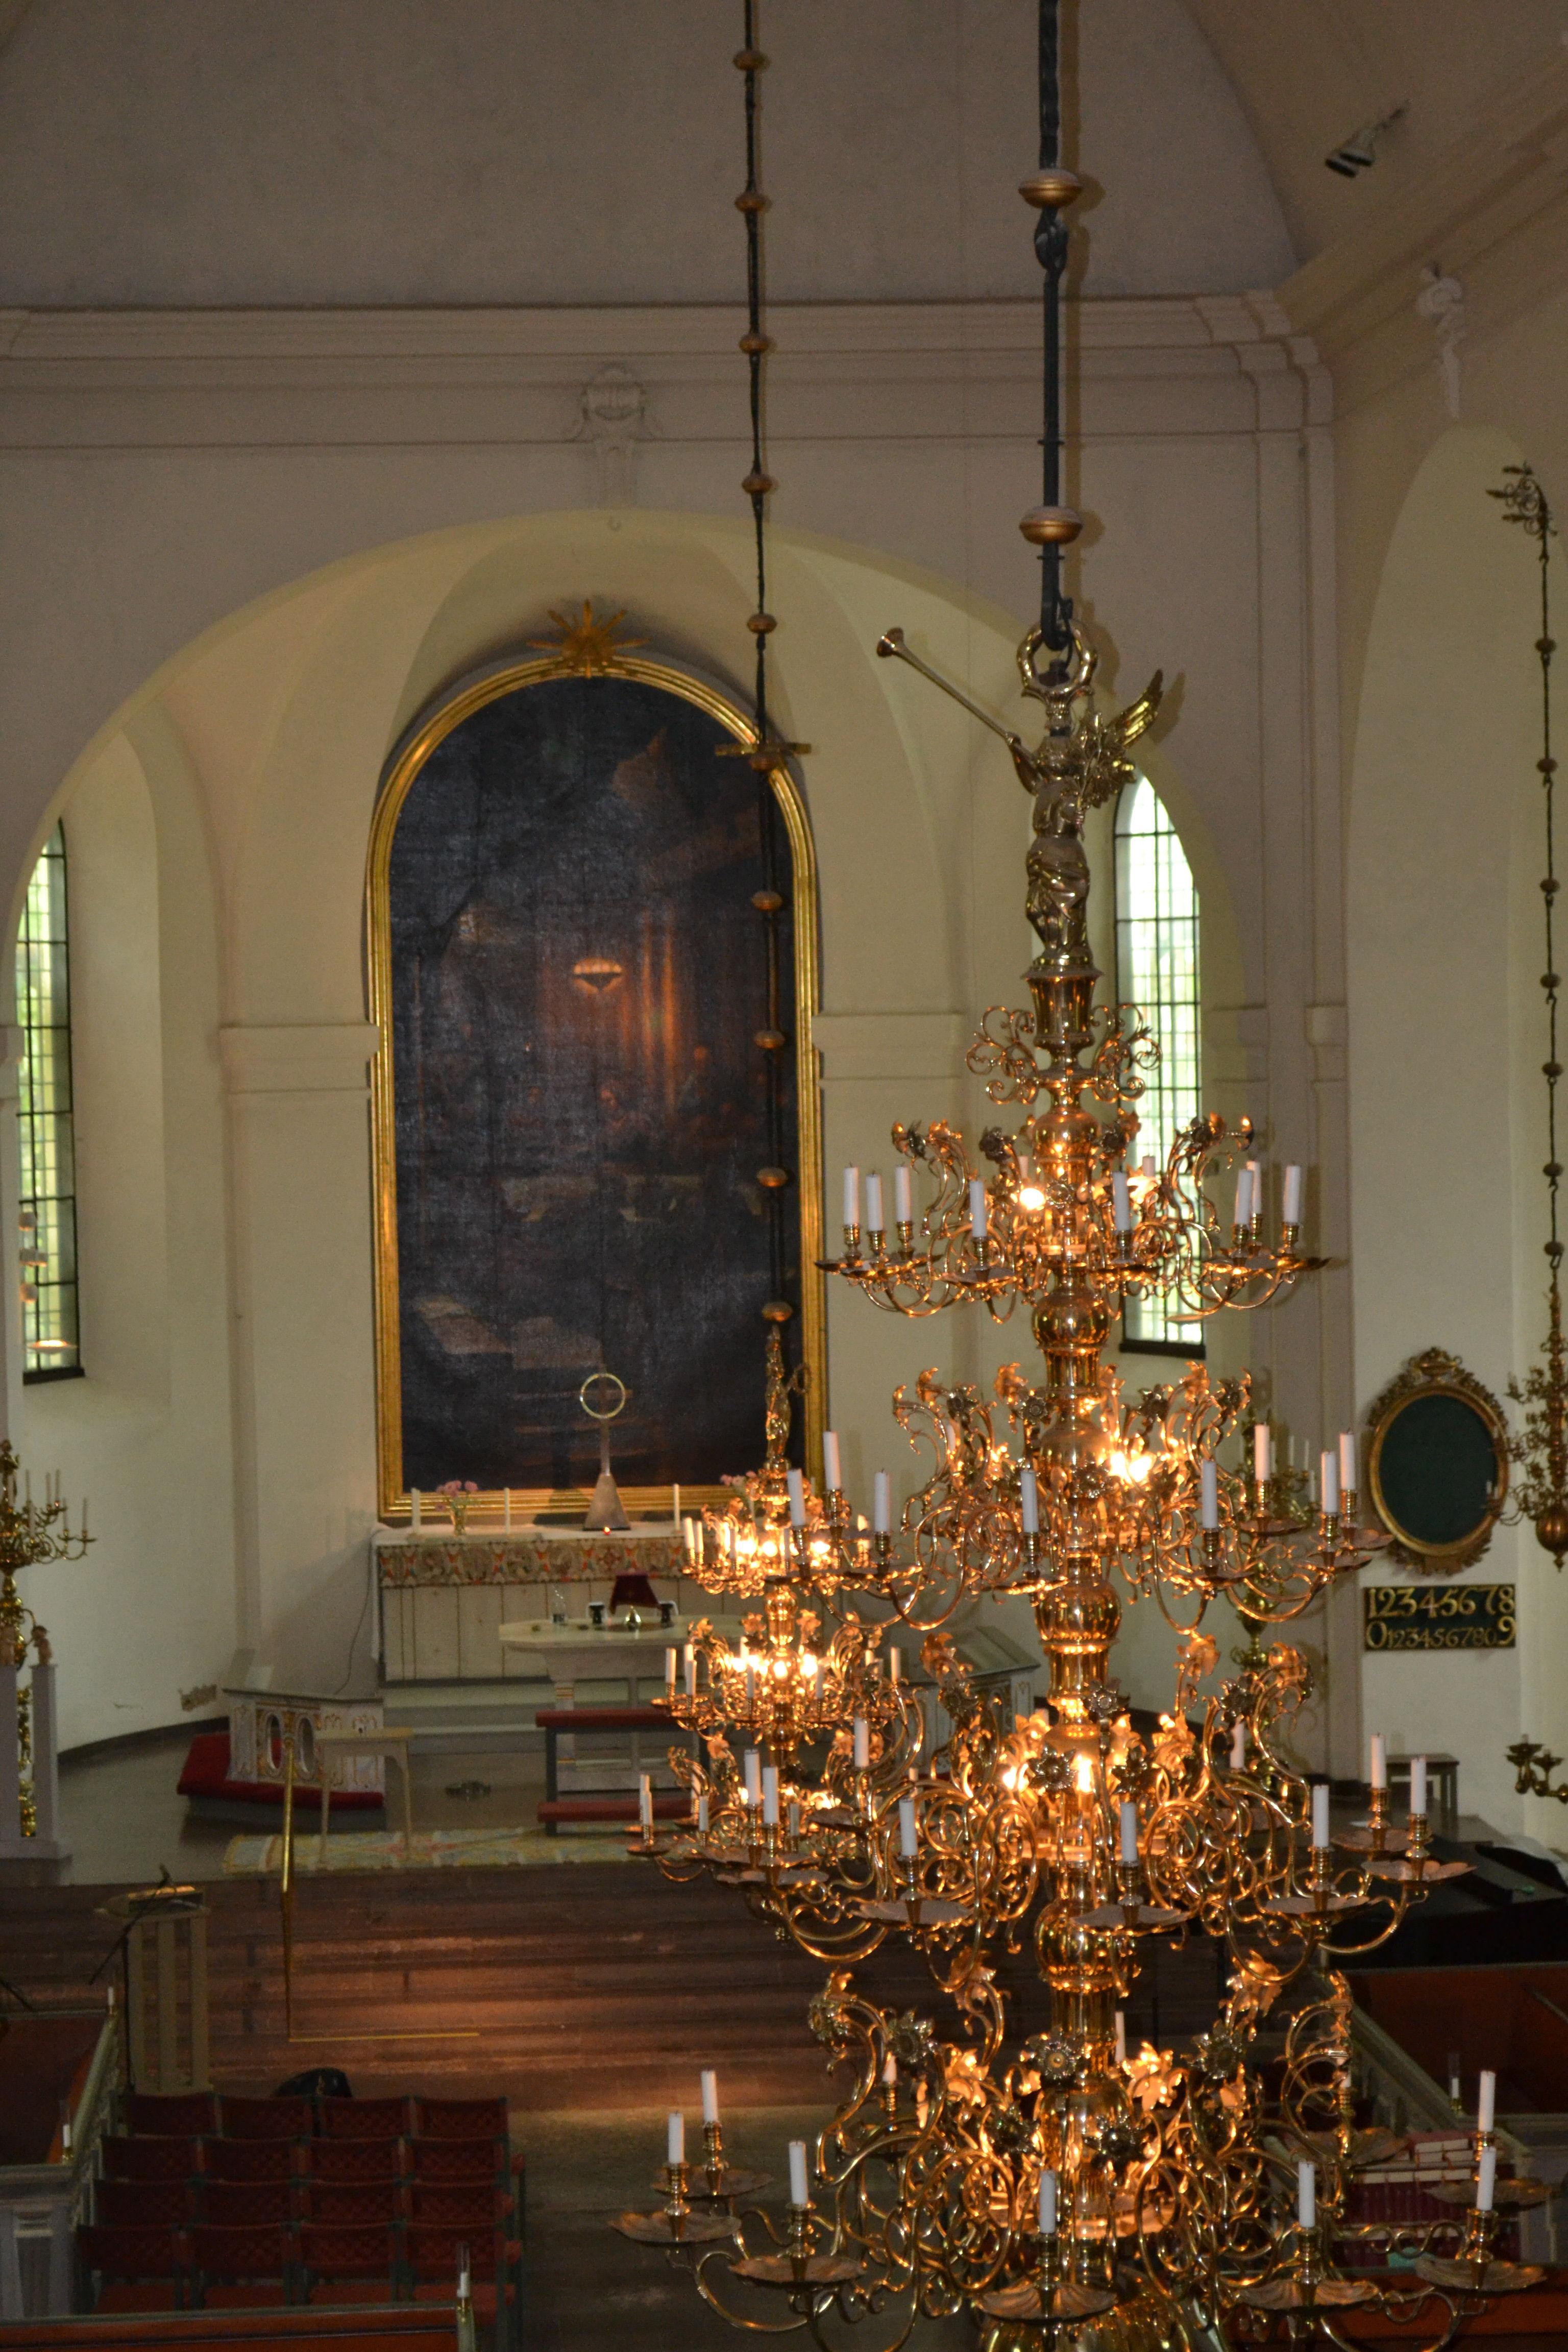 Fil:Sankt Olai kyrka i Norrkping, reproduktion av Gustav IV-s